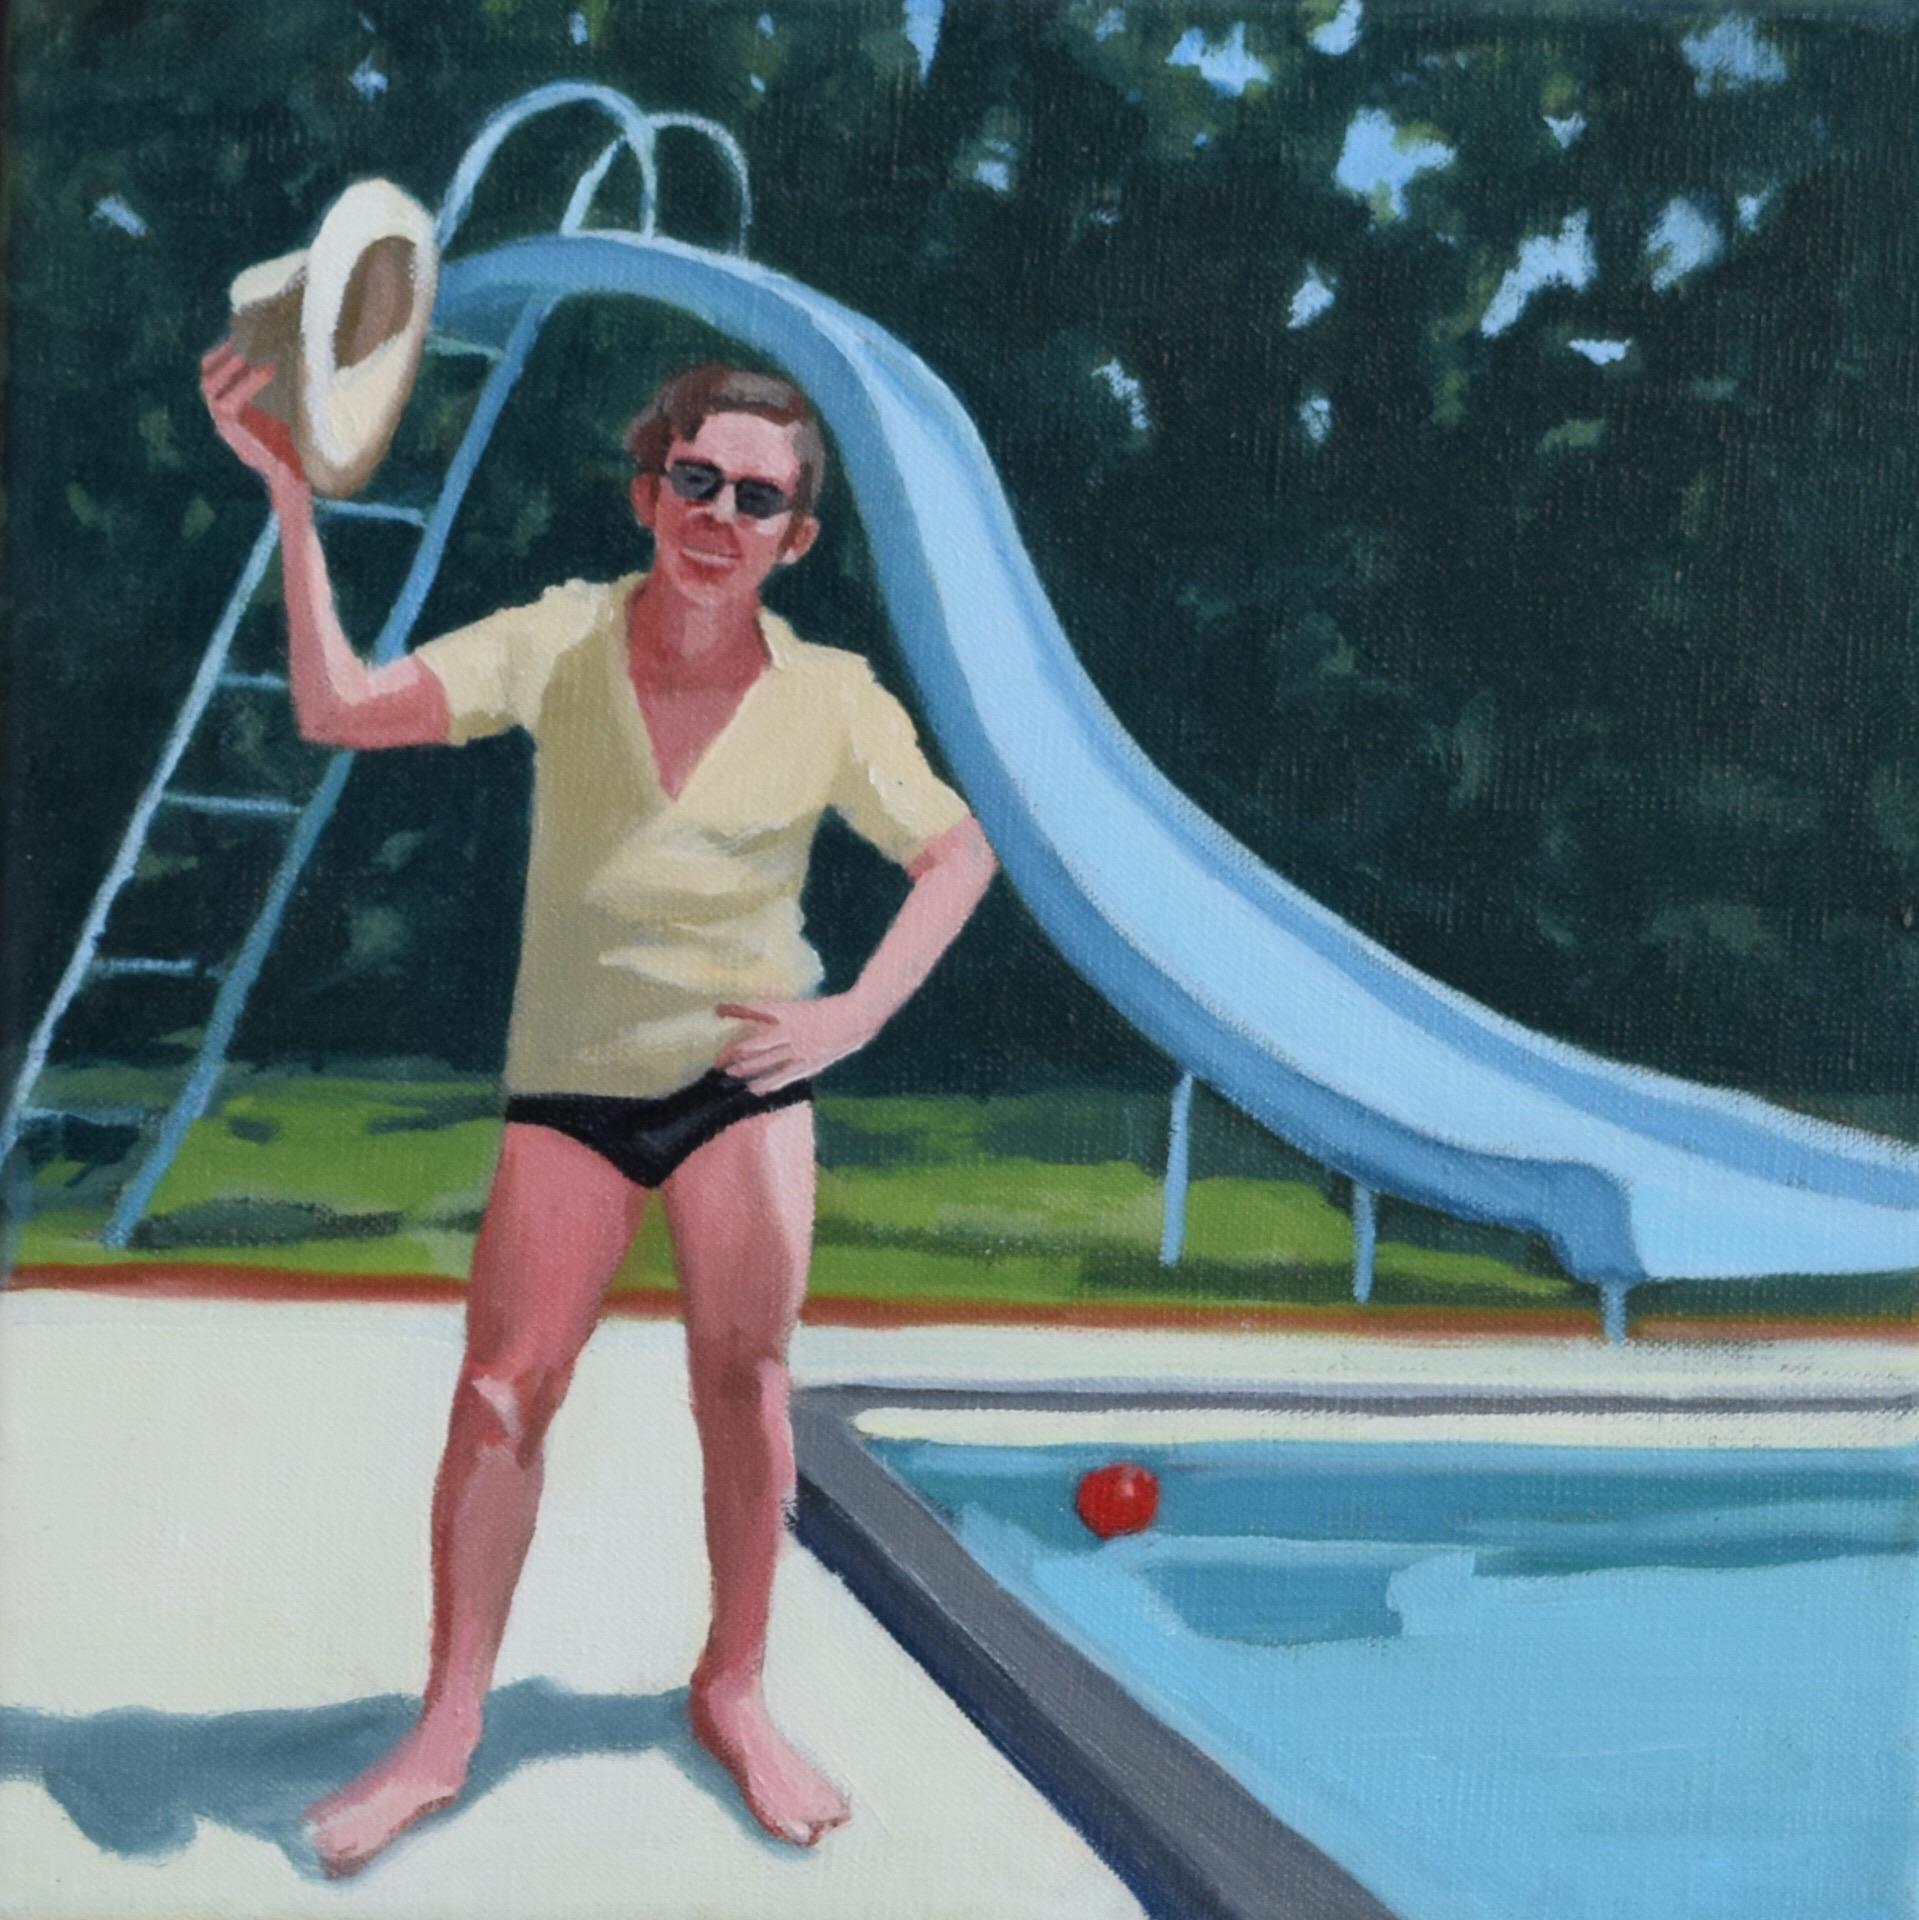 Baker,Margaret-Howdy-12x12 inch oil on canvas.jpg